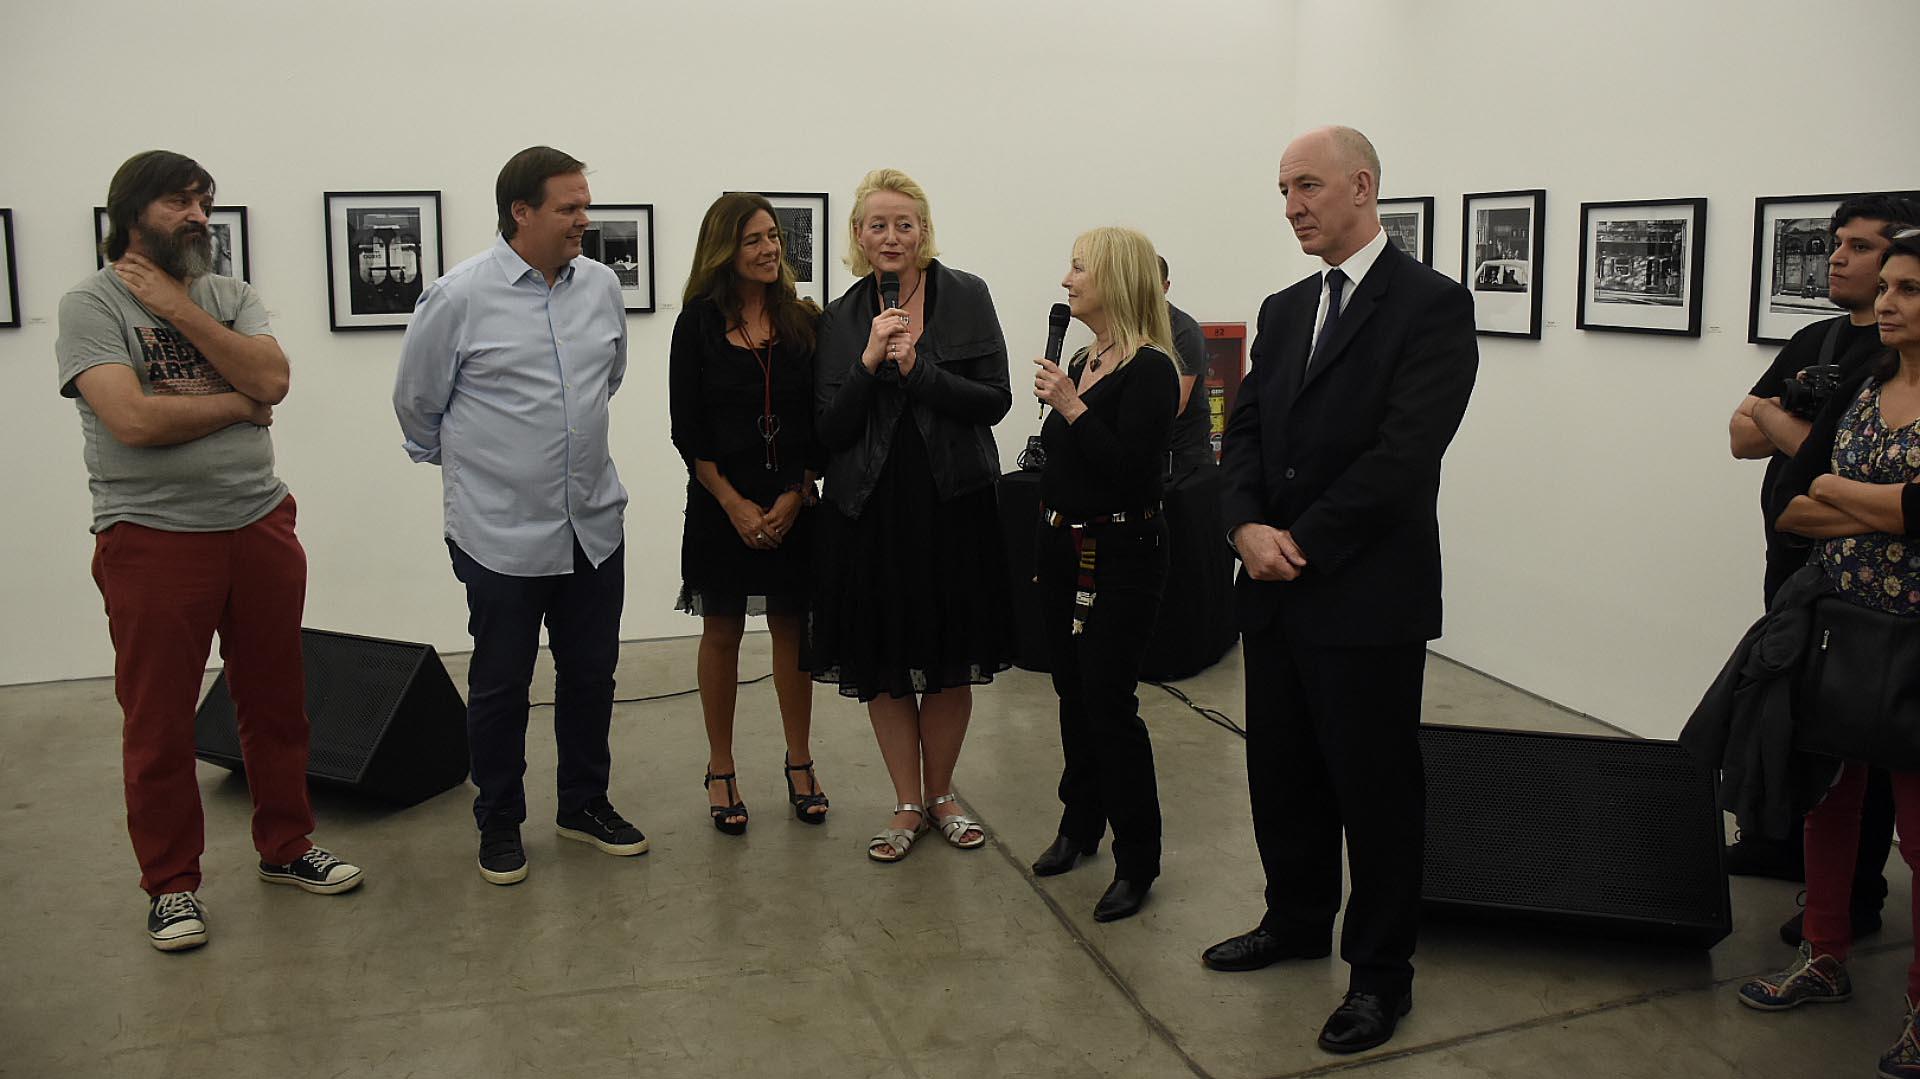 El fotógrafo Ataulfo Pérez Aznar; Gastón Deleau, director de FOLA; Scarlet Page; Aleksandra Telezynska, productora de la muestra, y el embajador Mark Kent